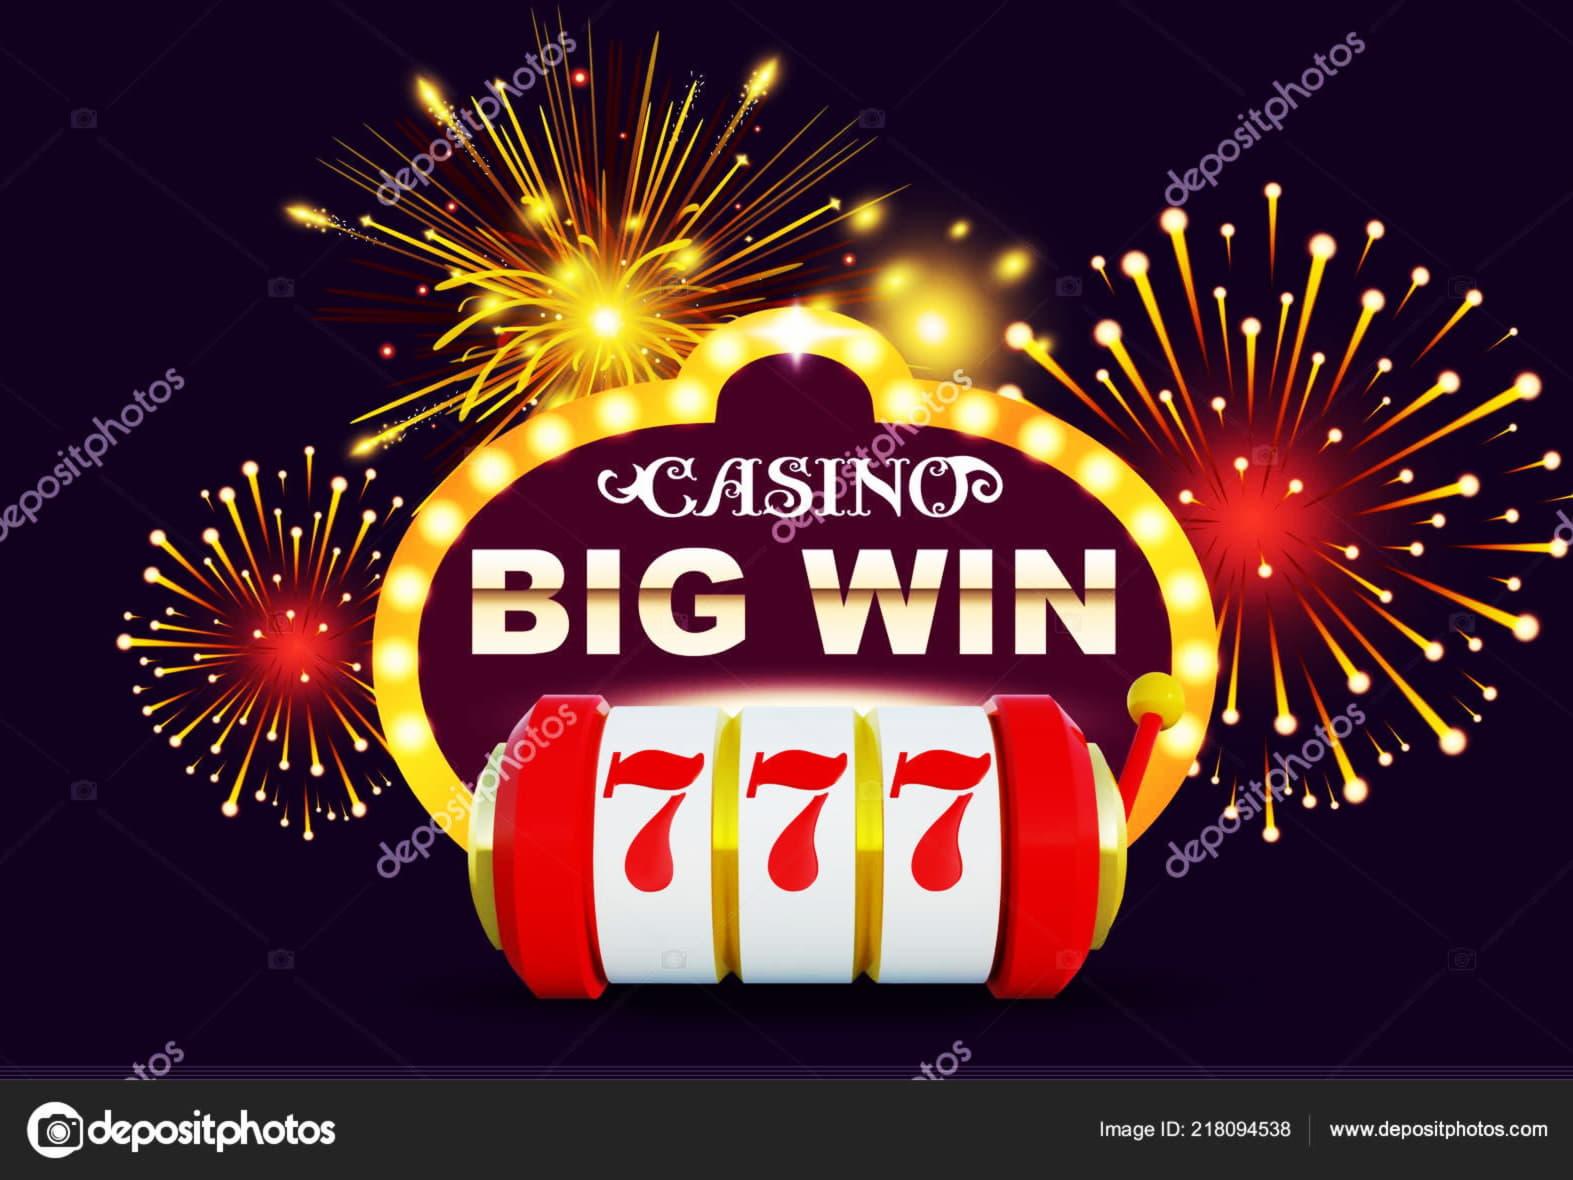 $ 960 ทัวร์นาเมนต์คาสิโนฟรีที่ Slots Of Vegas Casino